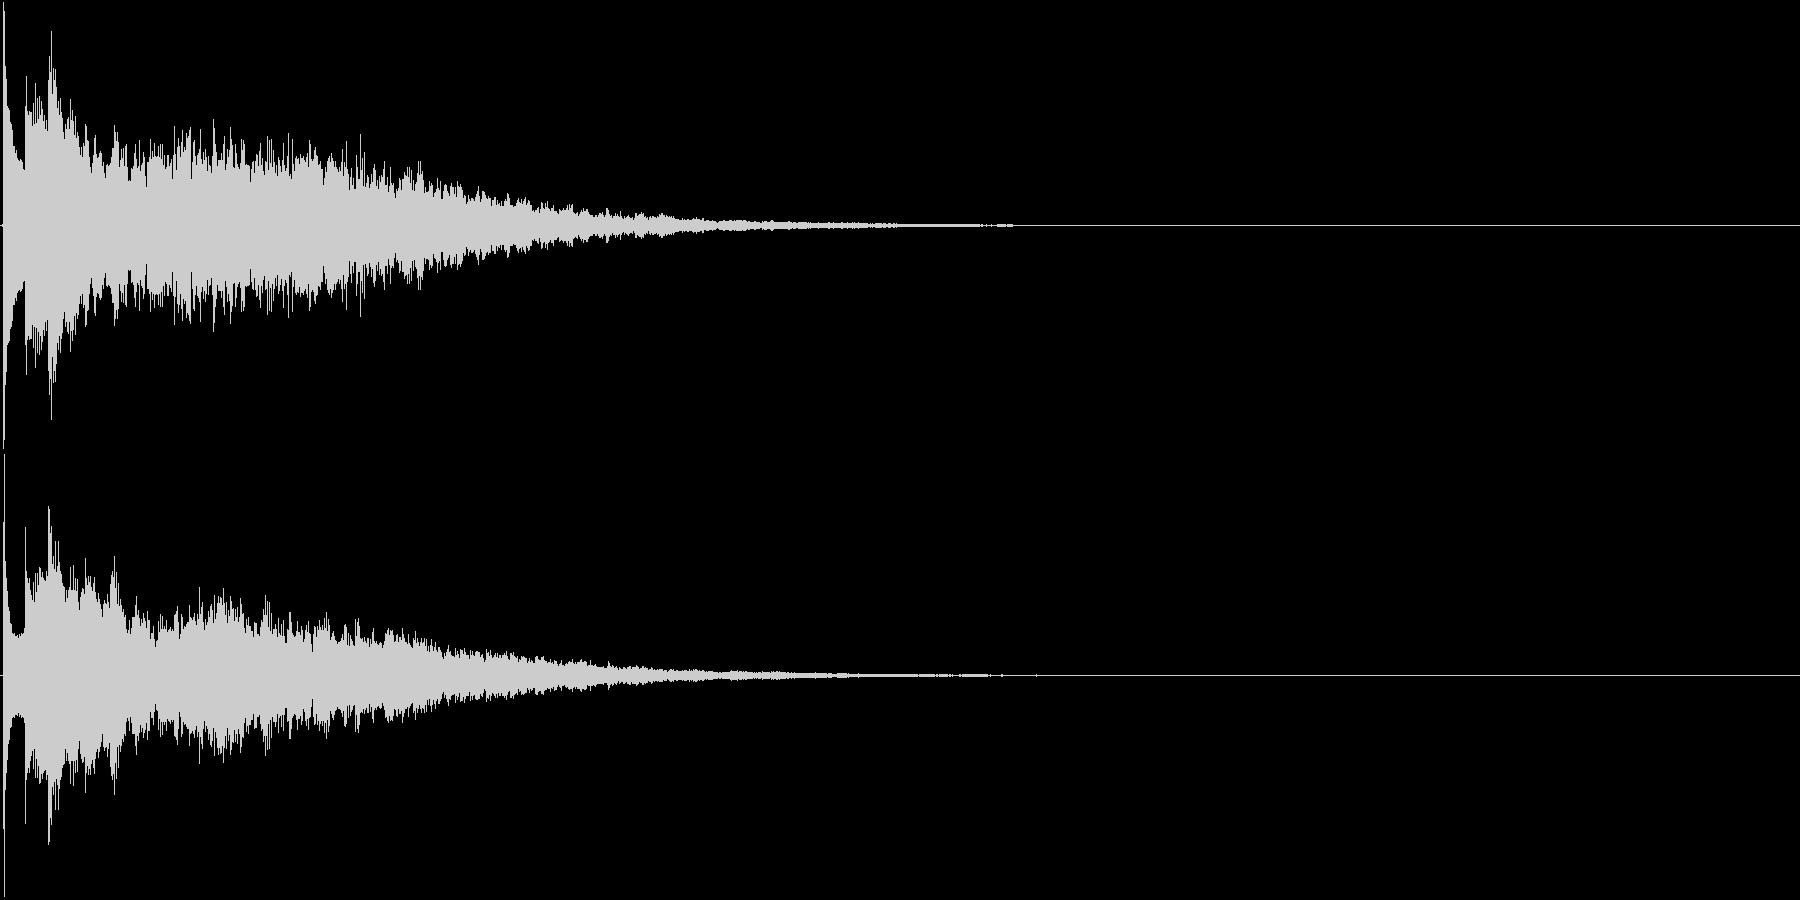 キーン(冷たいイメージ、動画やアプリに)の未再生の波形